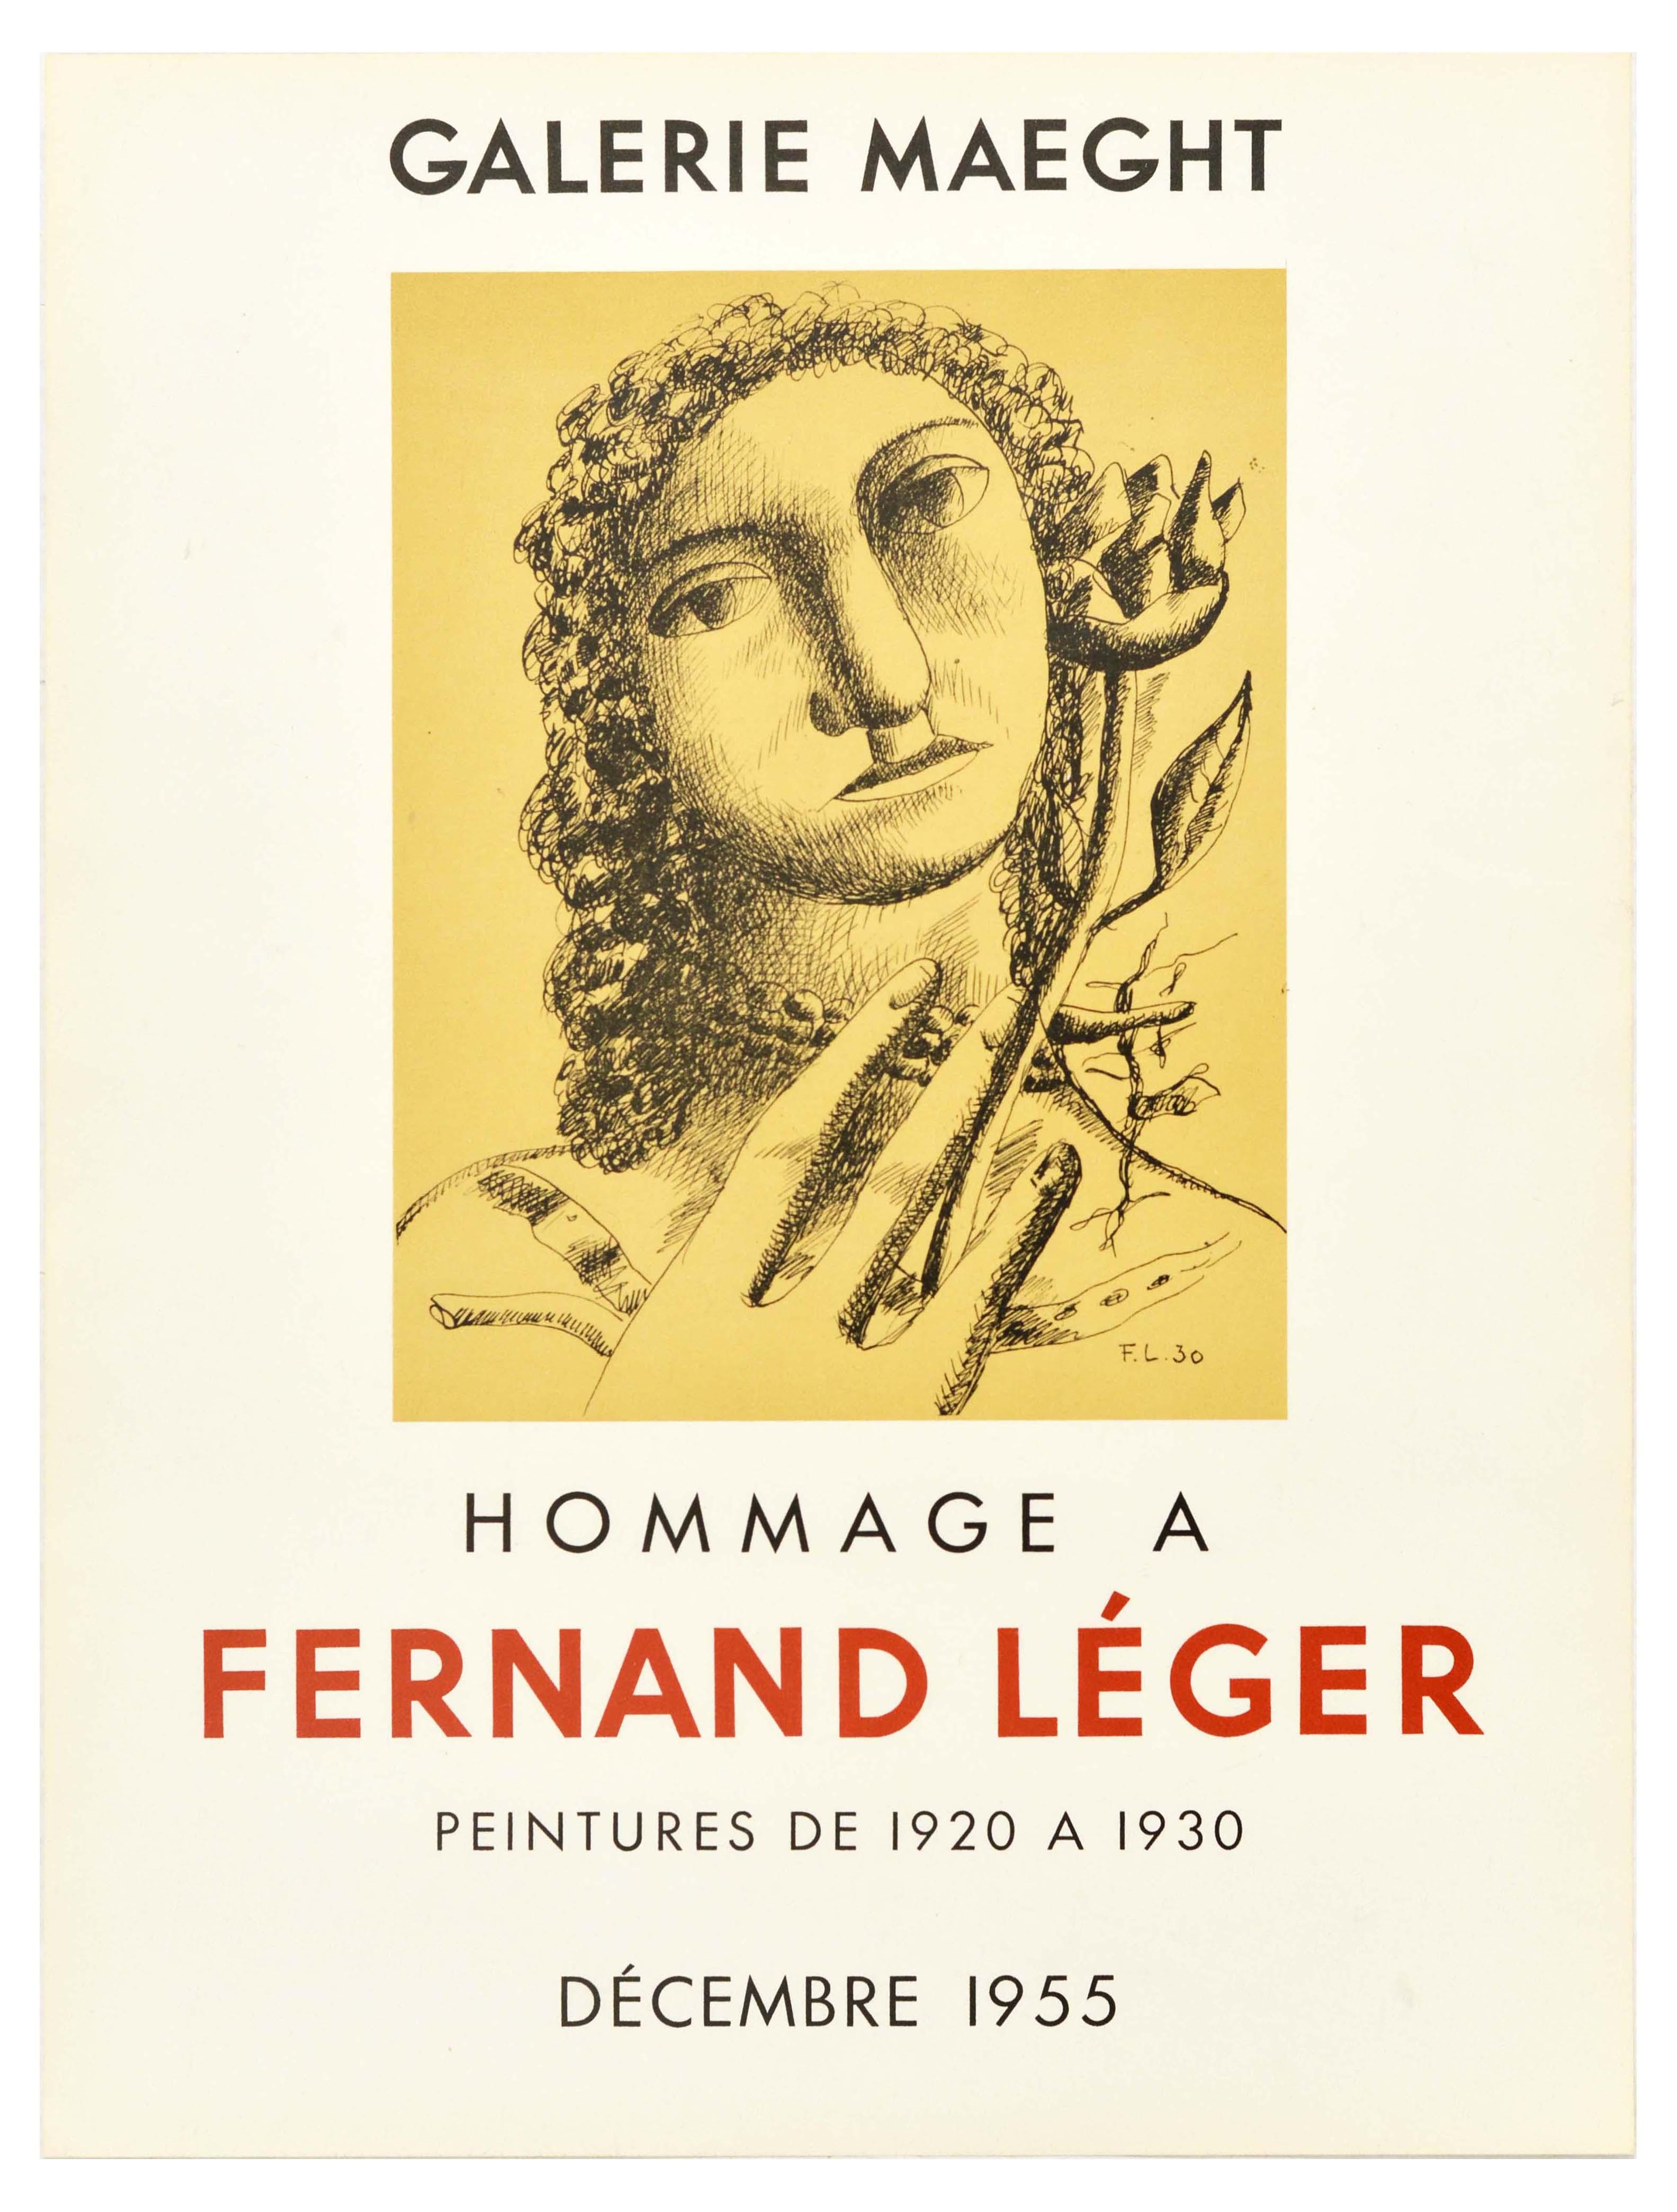 Advertising Poster Fernand Leger Galerie Maeght